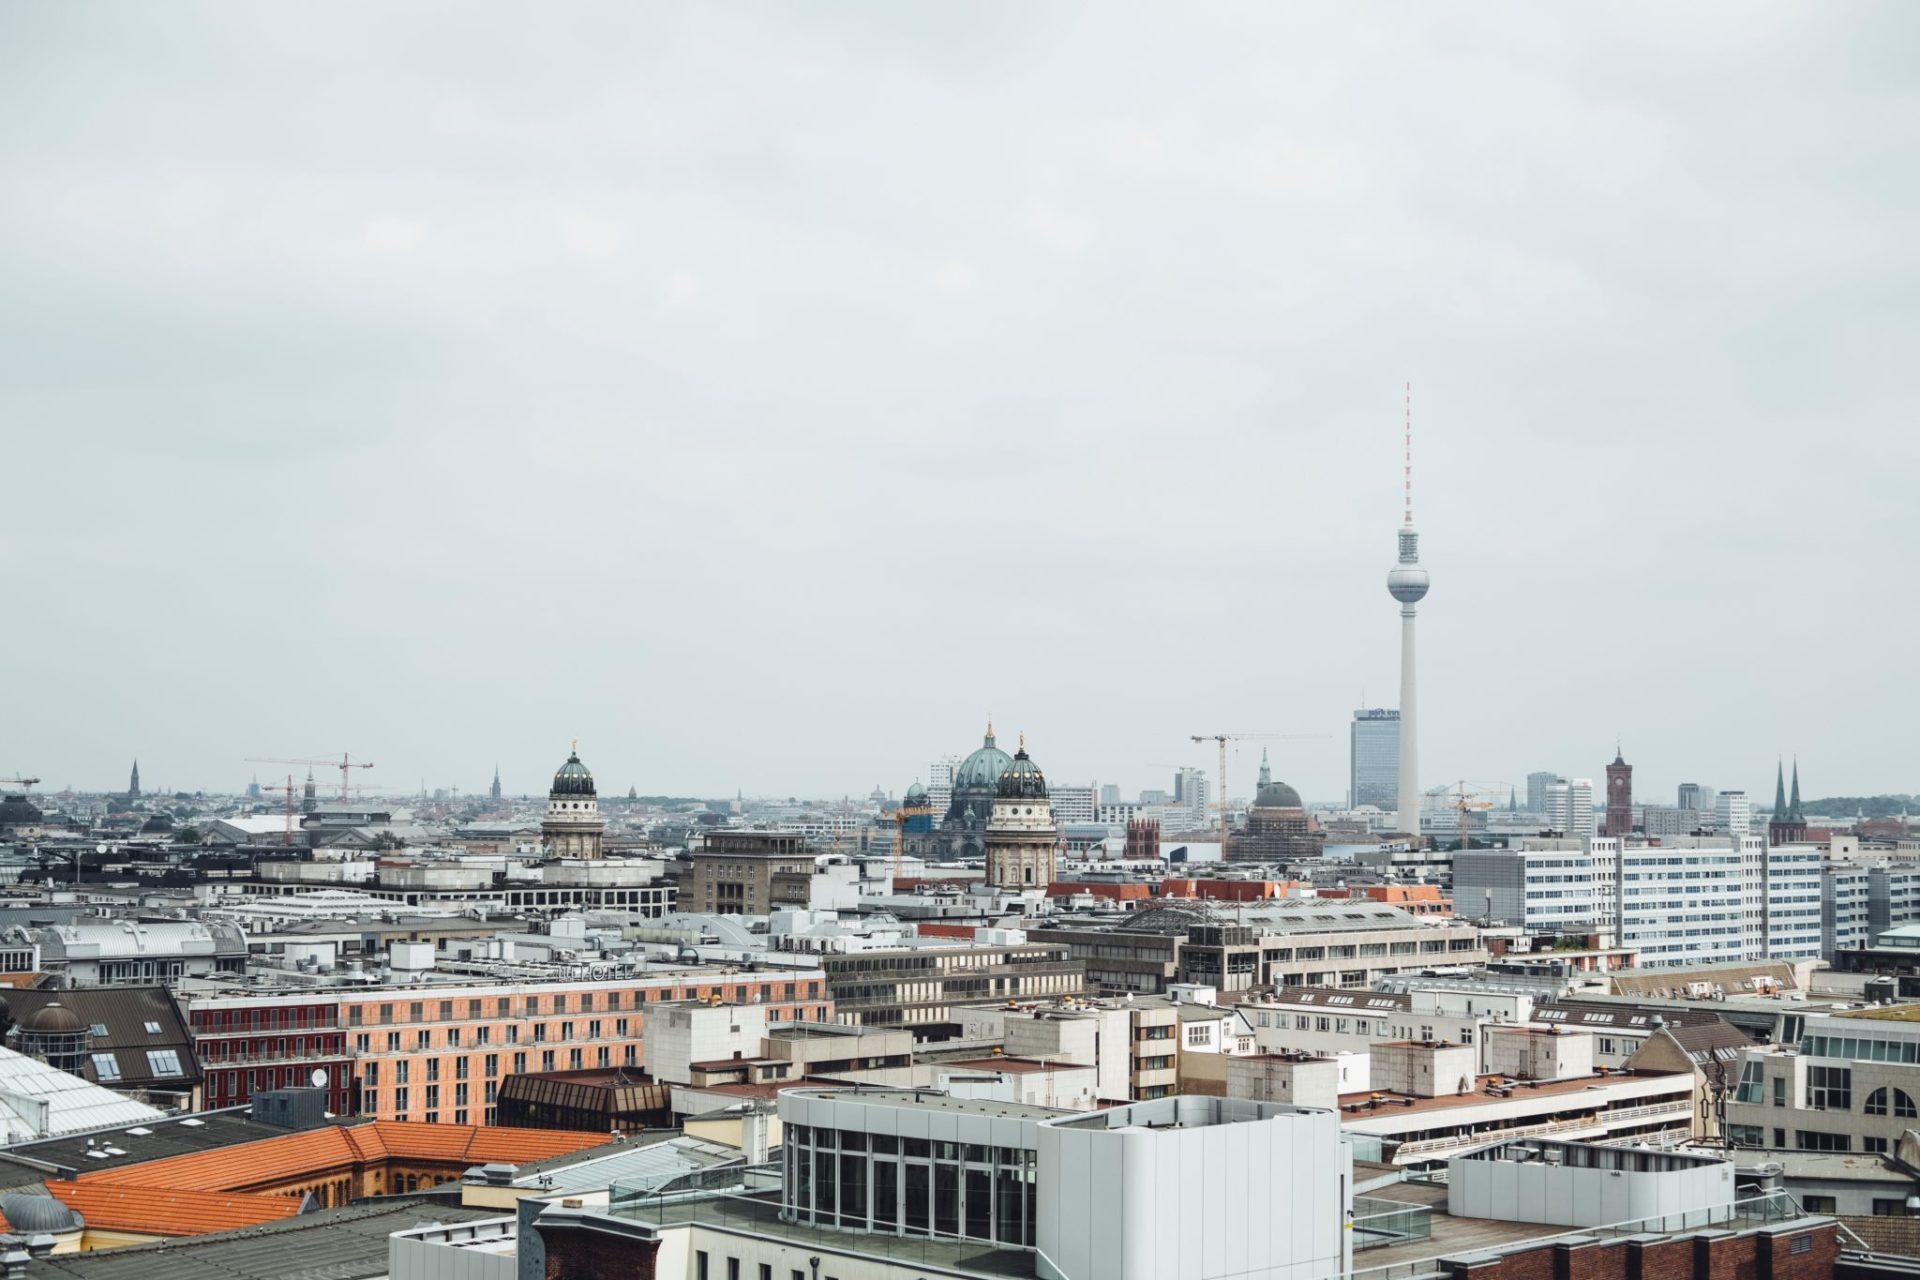 купить недвижимость в берлине